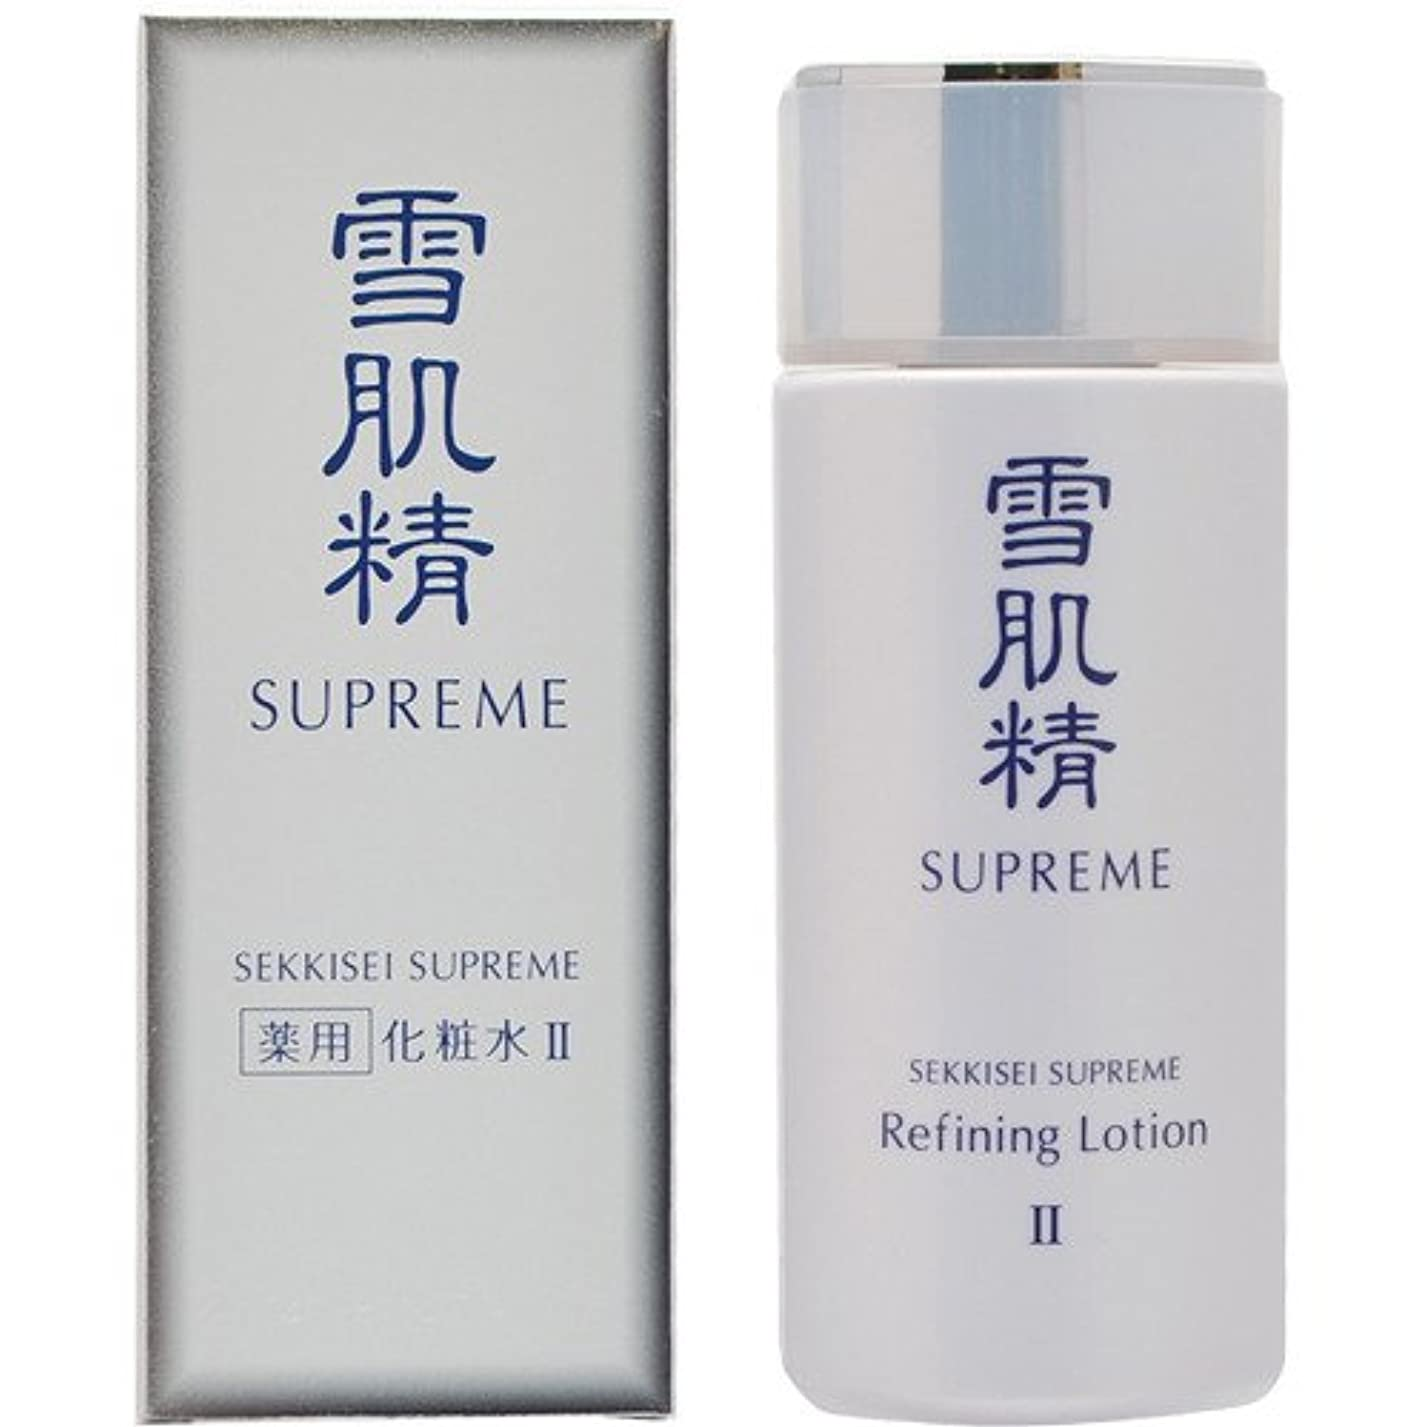 慢な薄いディベートコーセー 雪肌精 シュープレム 化粧水 ※140mL II